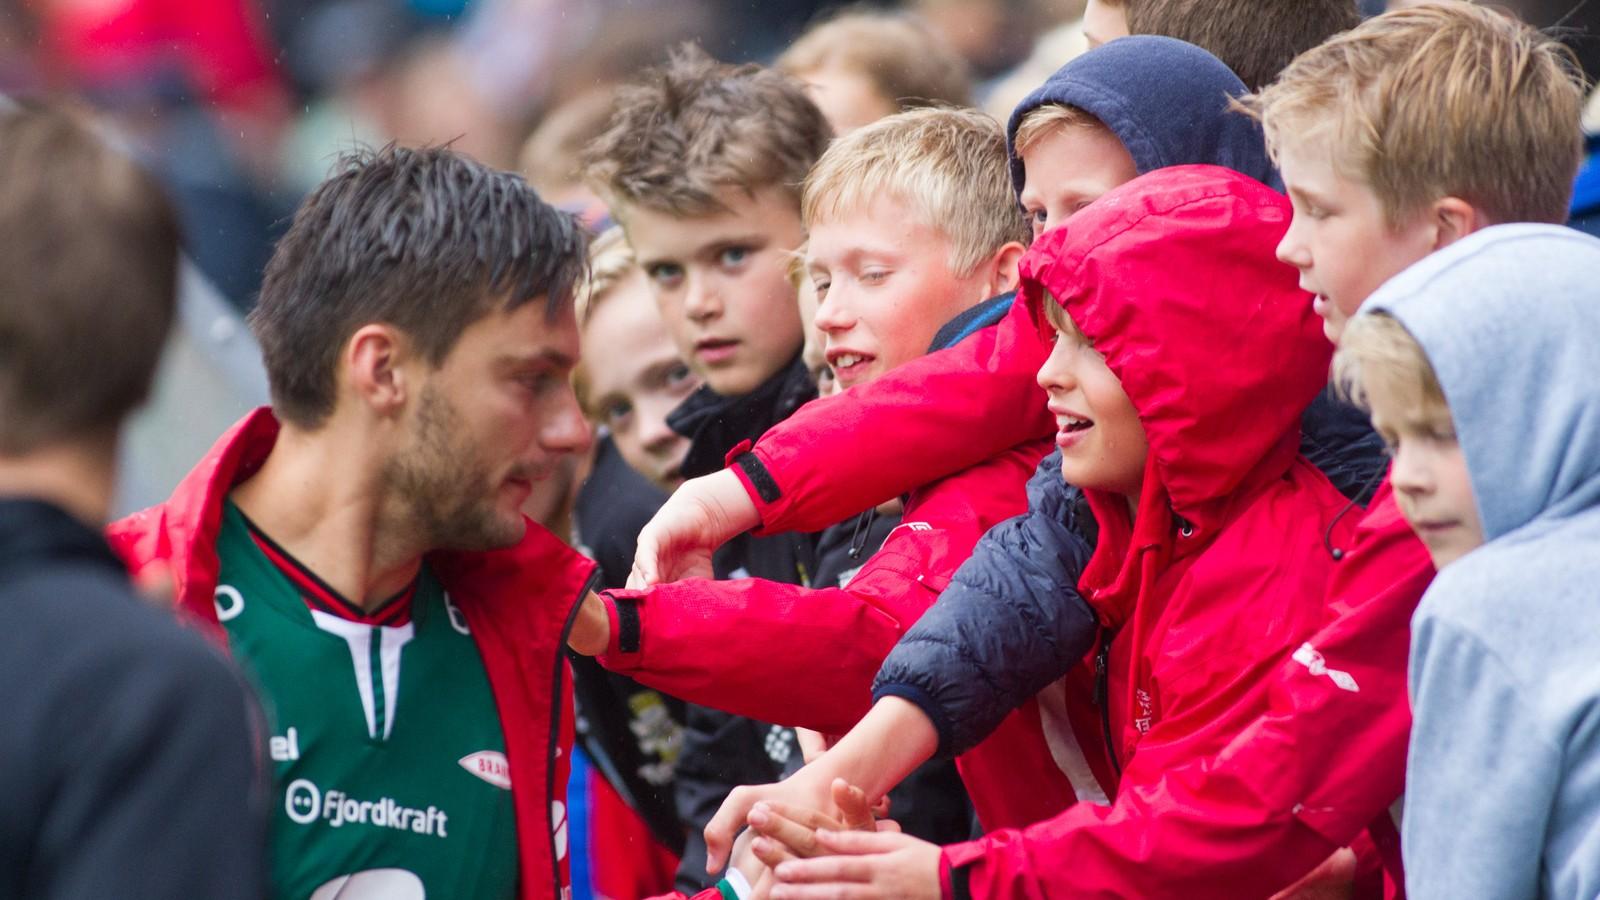 Mange små fotballspelarar fekk eit glimt og kanskje også ein autograf og eit bilete av sine heltar då Sogndal og Brann møttest til dyst under Lerum cup.